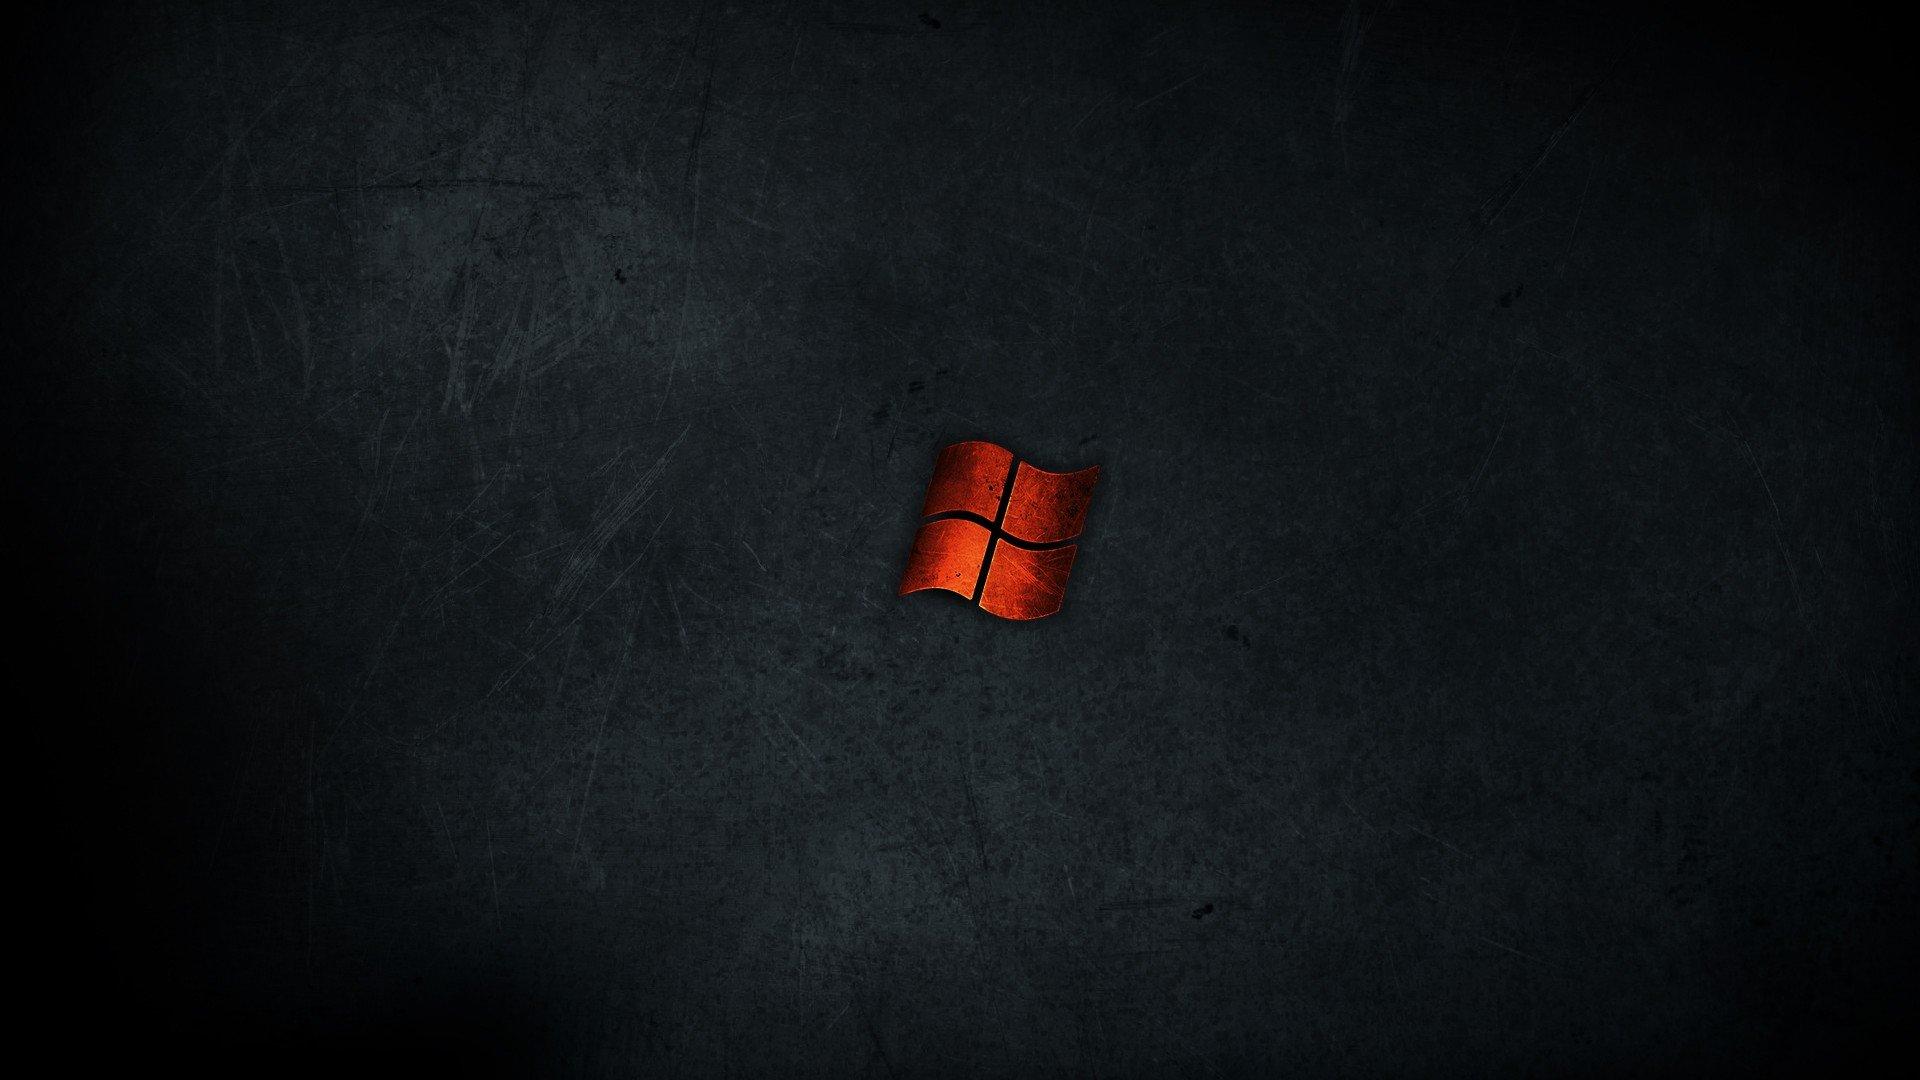 デスクトップ壁紙 1920x1080 Px ダーク Microsoft Windows